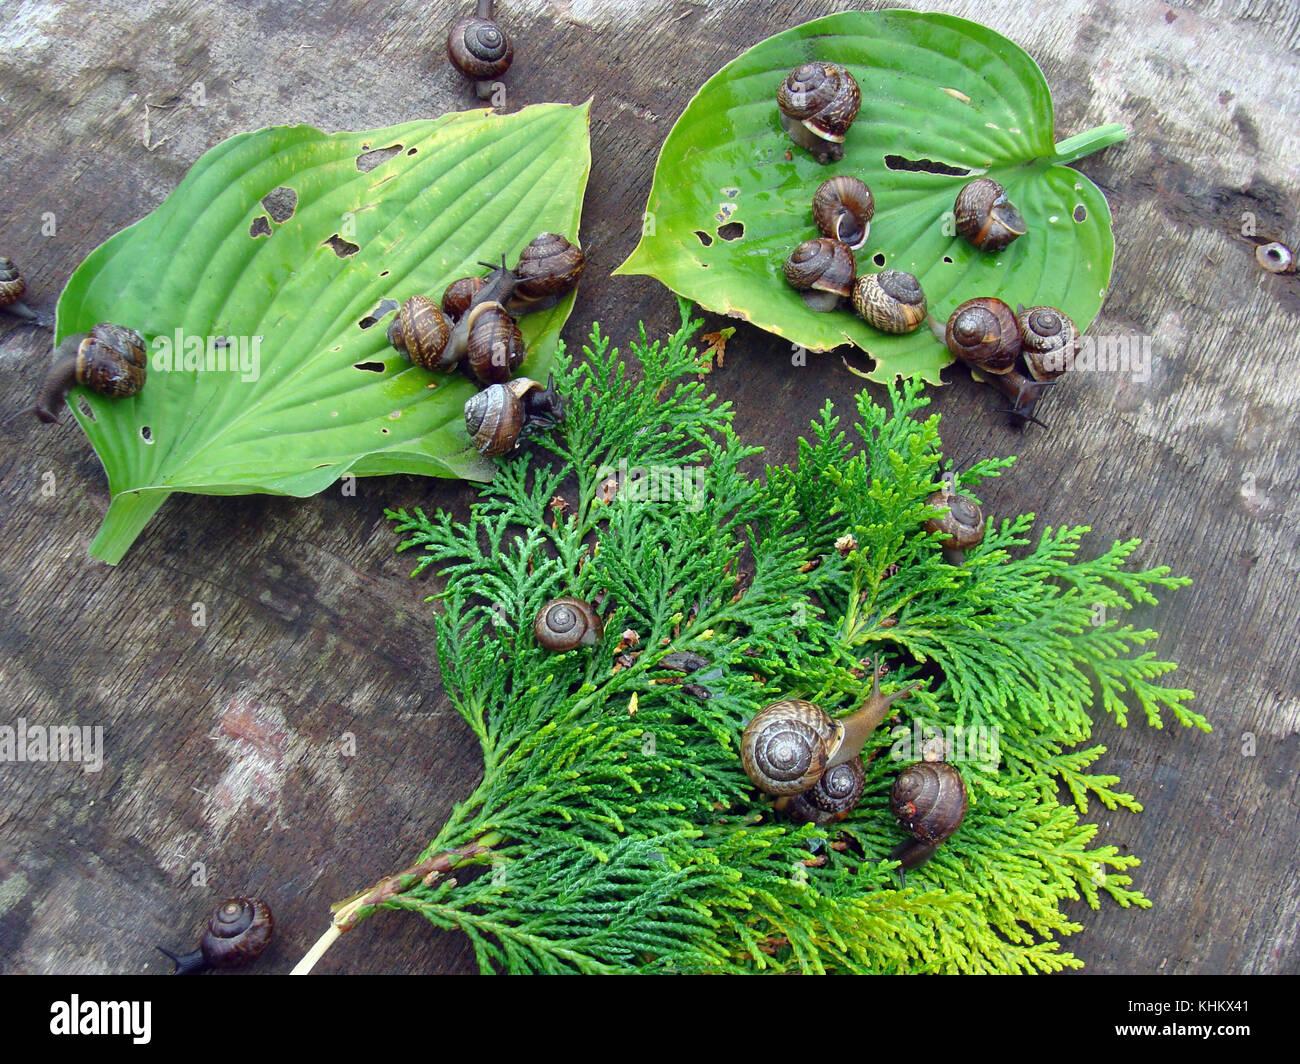 Viele Kleine Garten Schnecken Essen Blumen Und Pflanzen Blätter